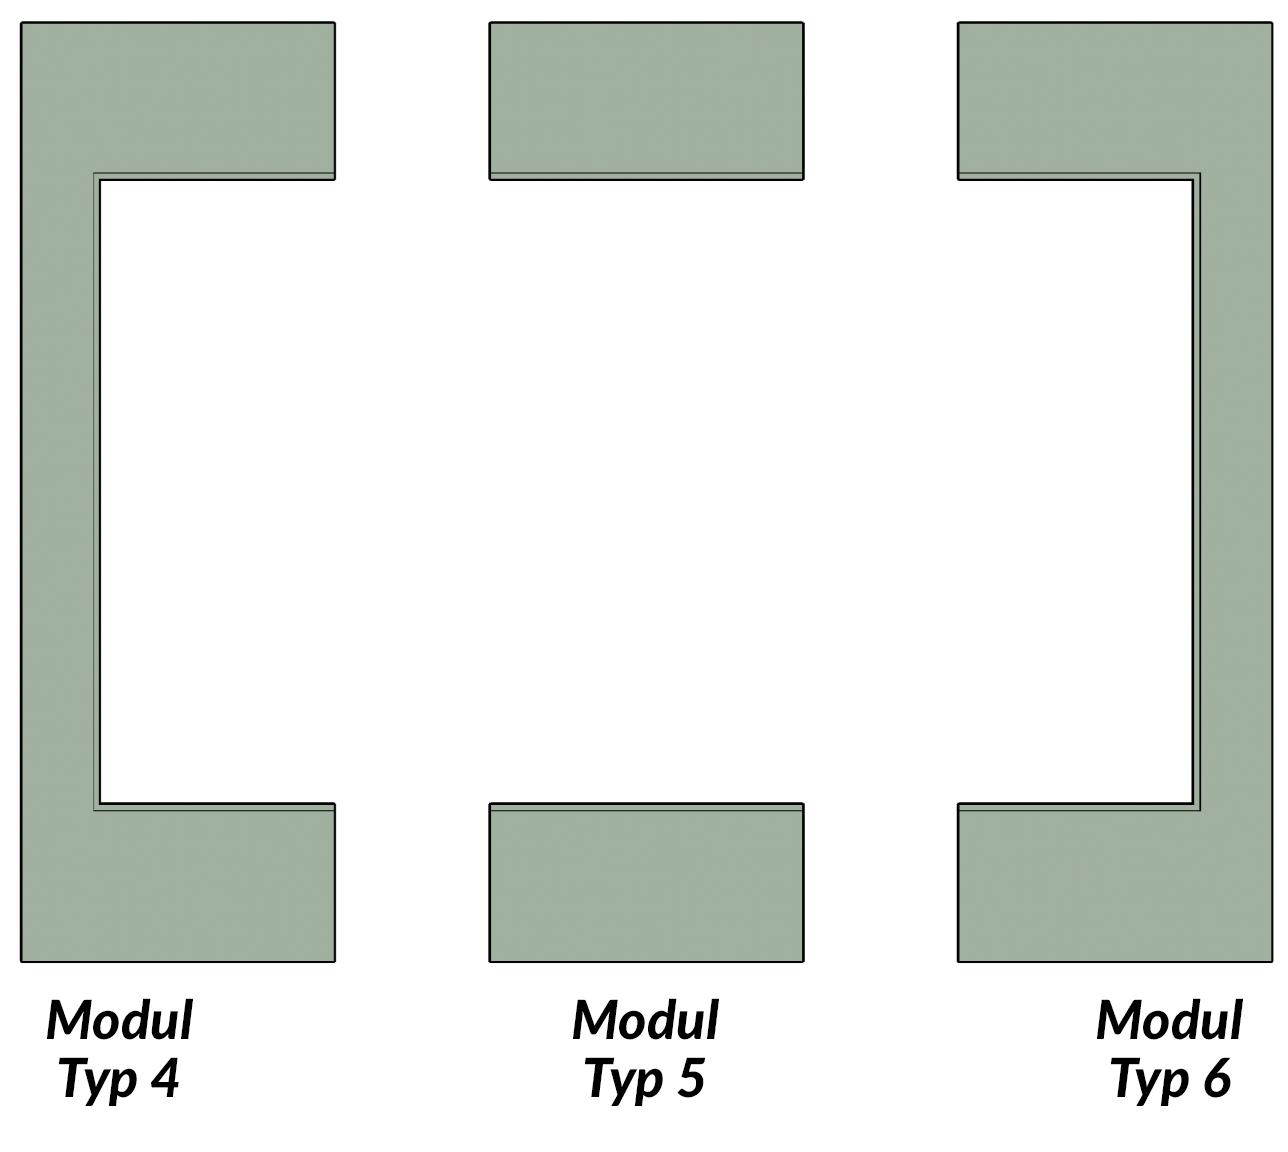 Modulares LED System hinter Beton